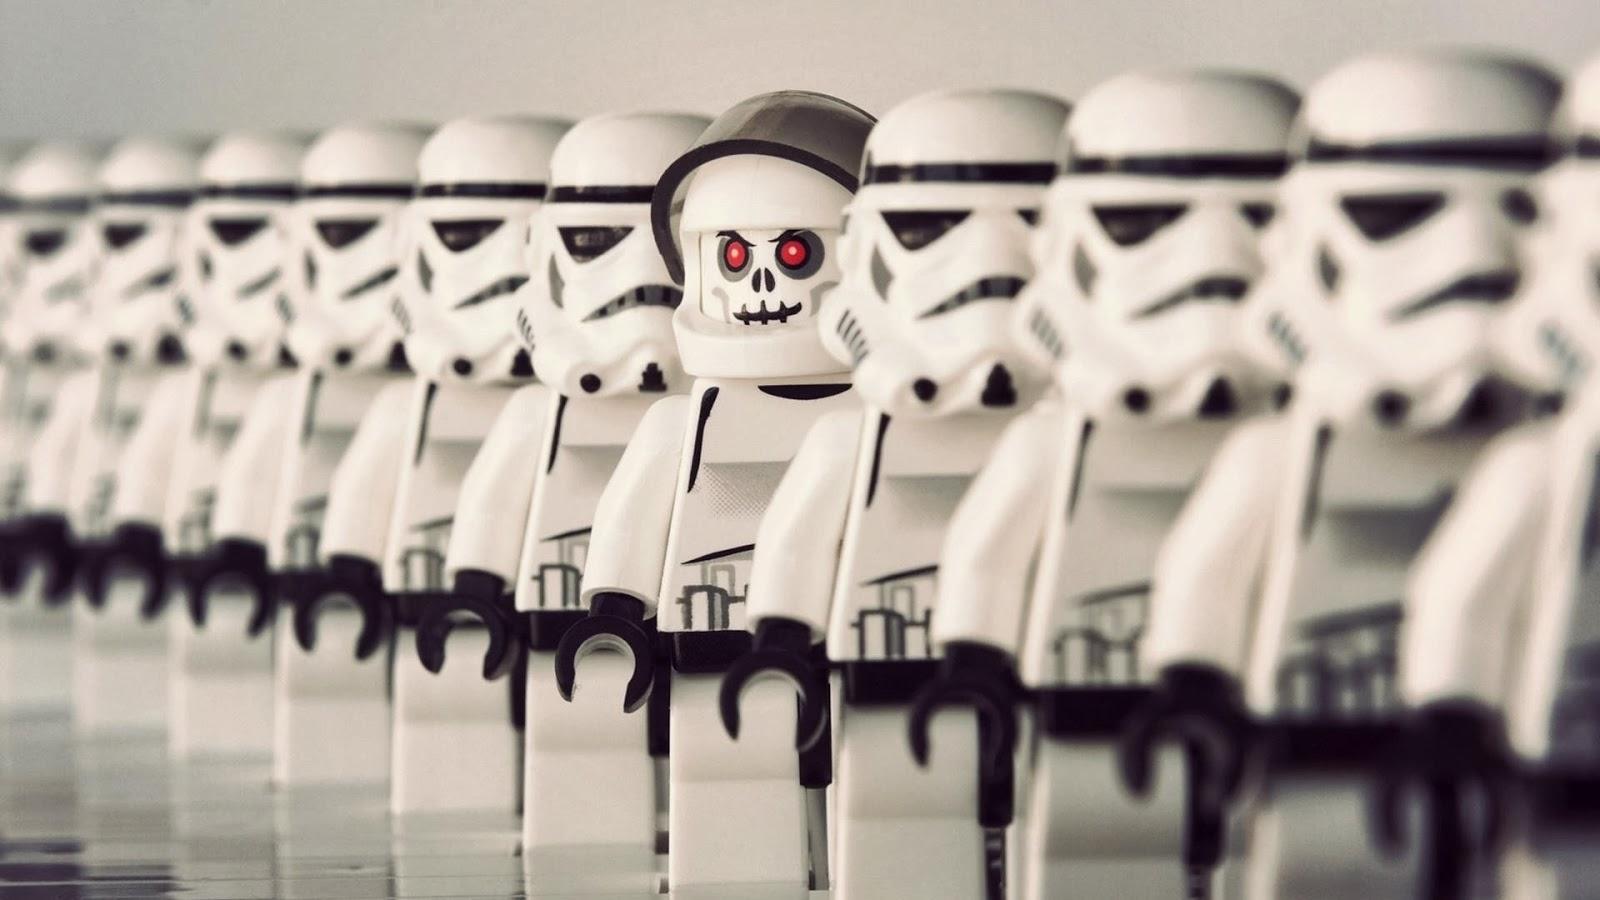 Lego Stormtroopers Full HD Desktop Wallpapers 1080p 1600x900